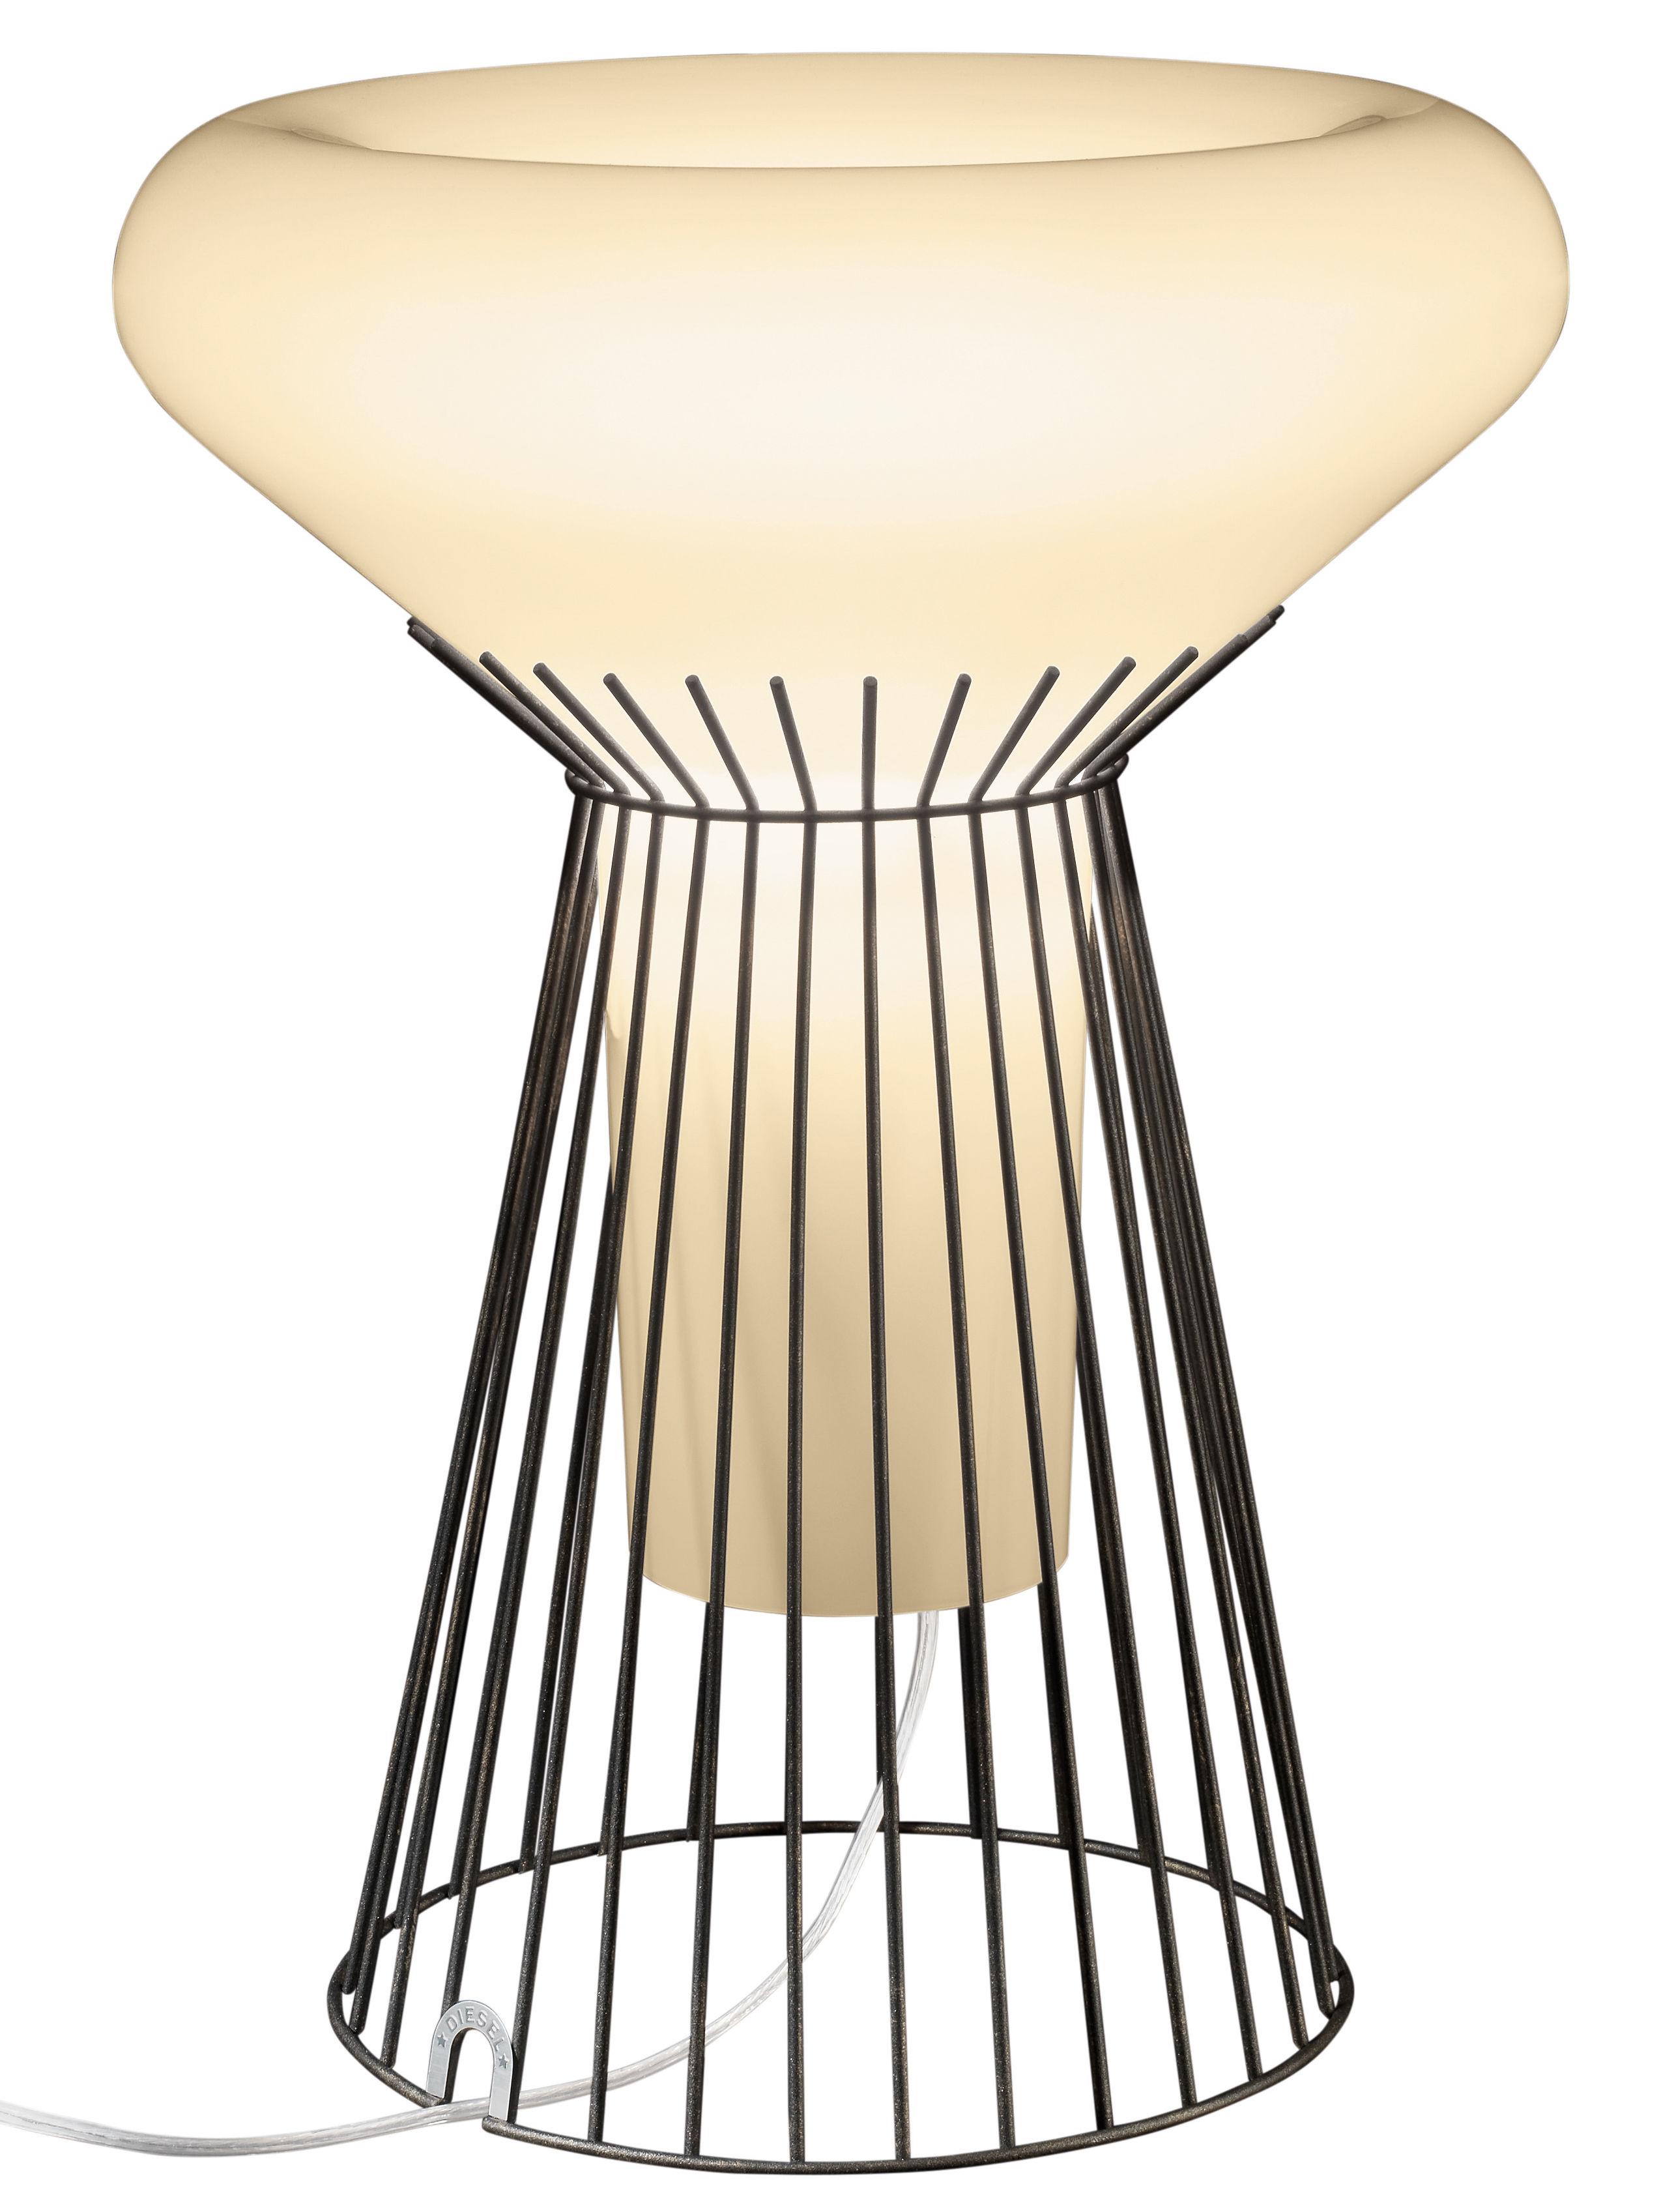 Luminaire - Lampes de table - Lampe de table Metafisica / H 51 cm - Diesel with Foscarini - Ivoire / Structure marron doré - Acier verni, Verre soufflé